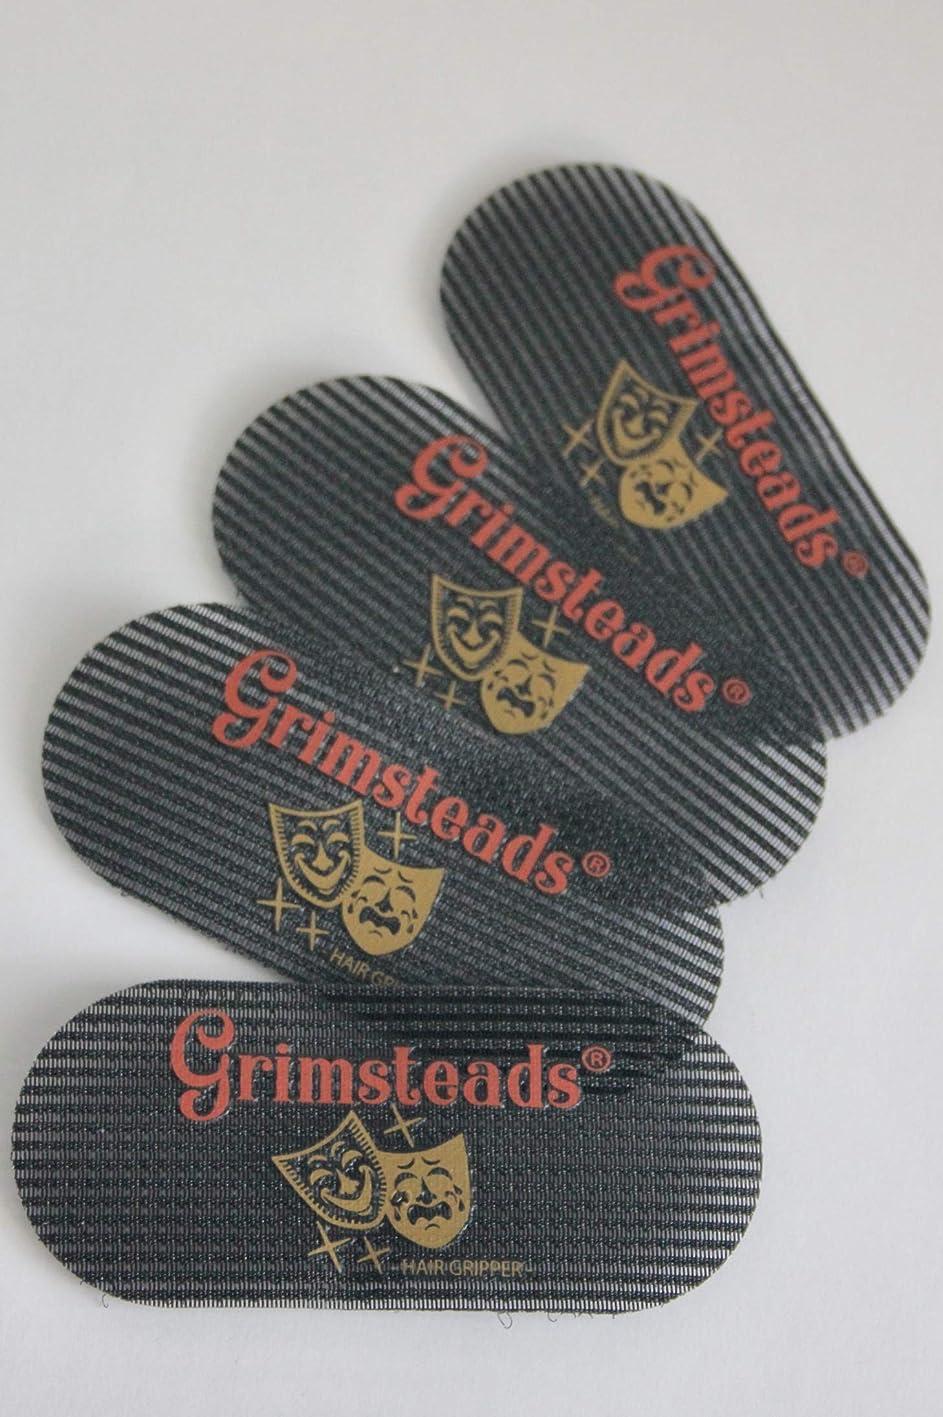 のホスト栄光の形4枚セット HAIR GRIPPER GRIMSTEADS ヘアグリッパー 美容室 理容室 BARBER (Bタイプ) ダッカール